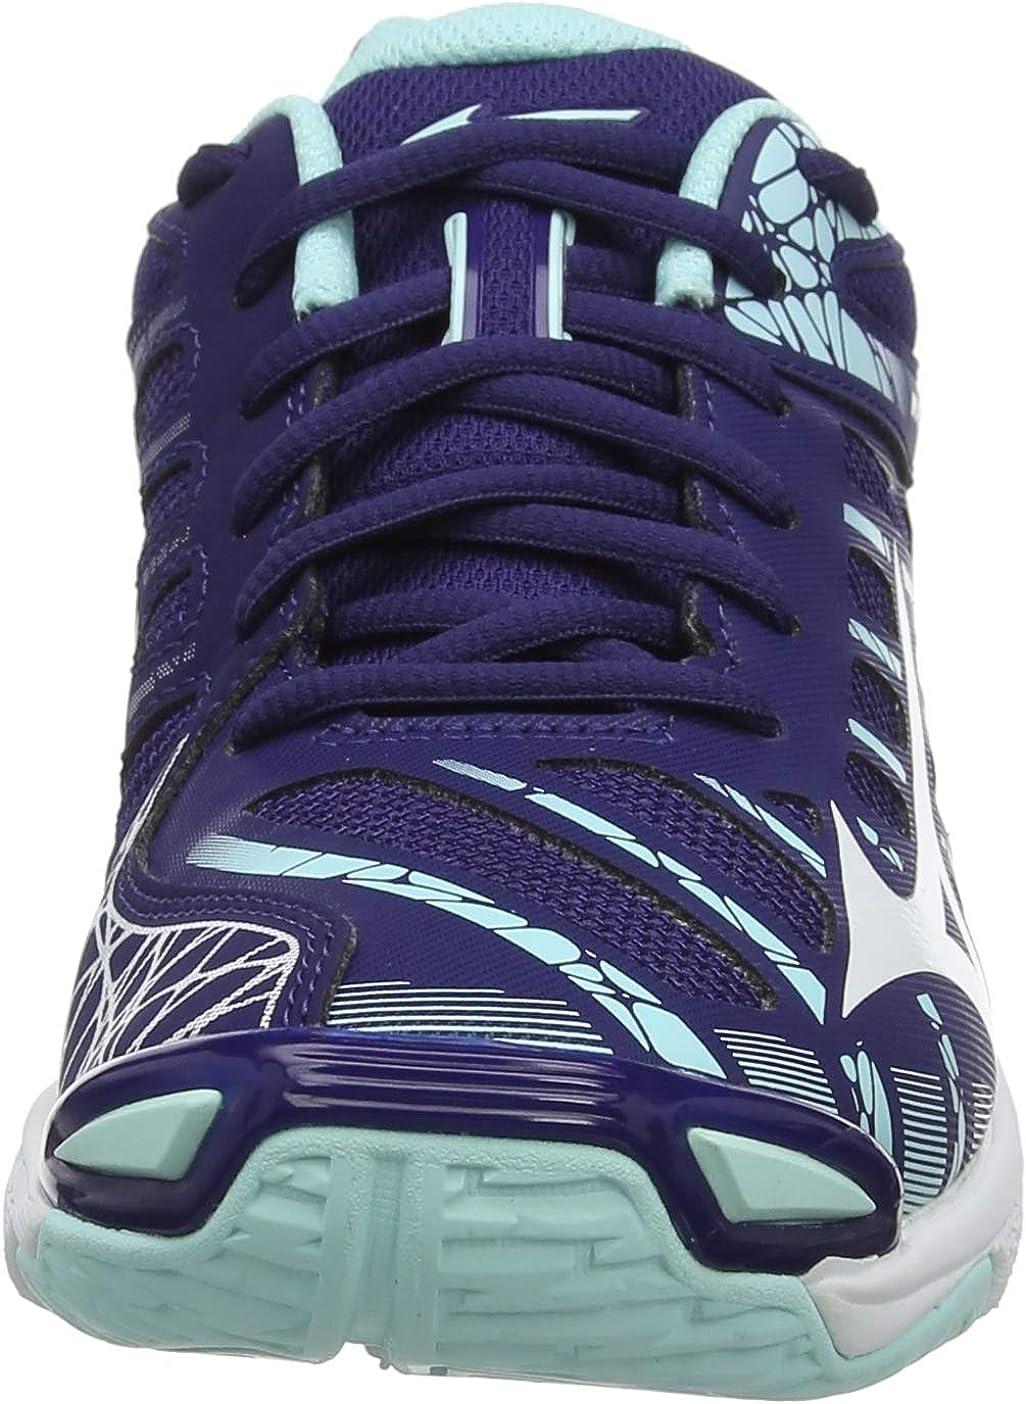 Mizuno Wave Voltage Chaussures de Volleyball Femme